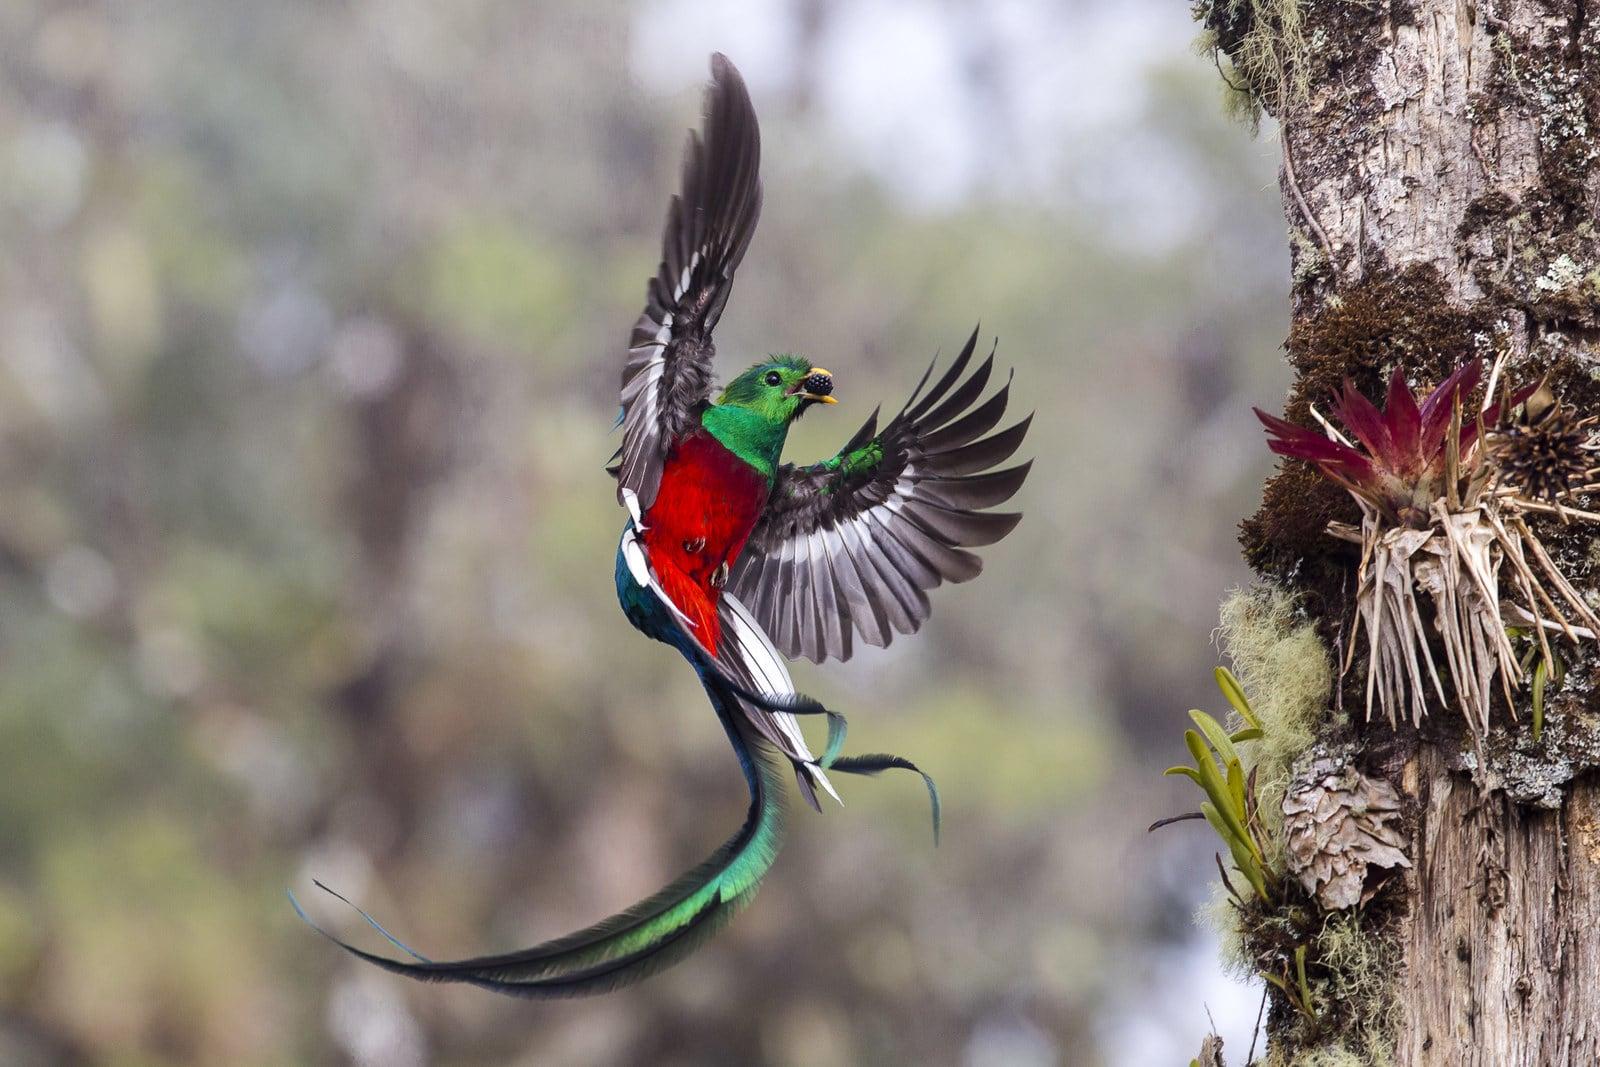 Chùm ảnh thiên nhiên đẹp nhất năm 2017 và thông điệp đau lòng phía sau bức hình đạt giải - Ảnh 1.